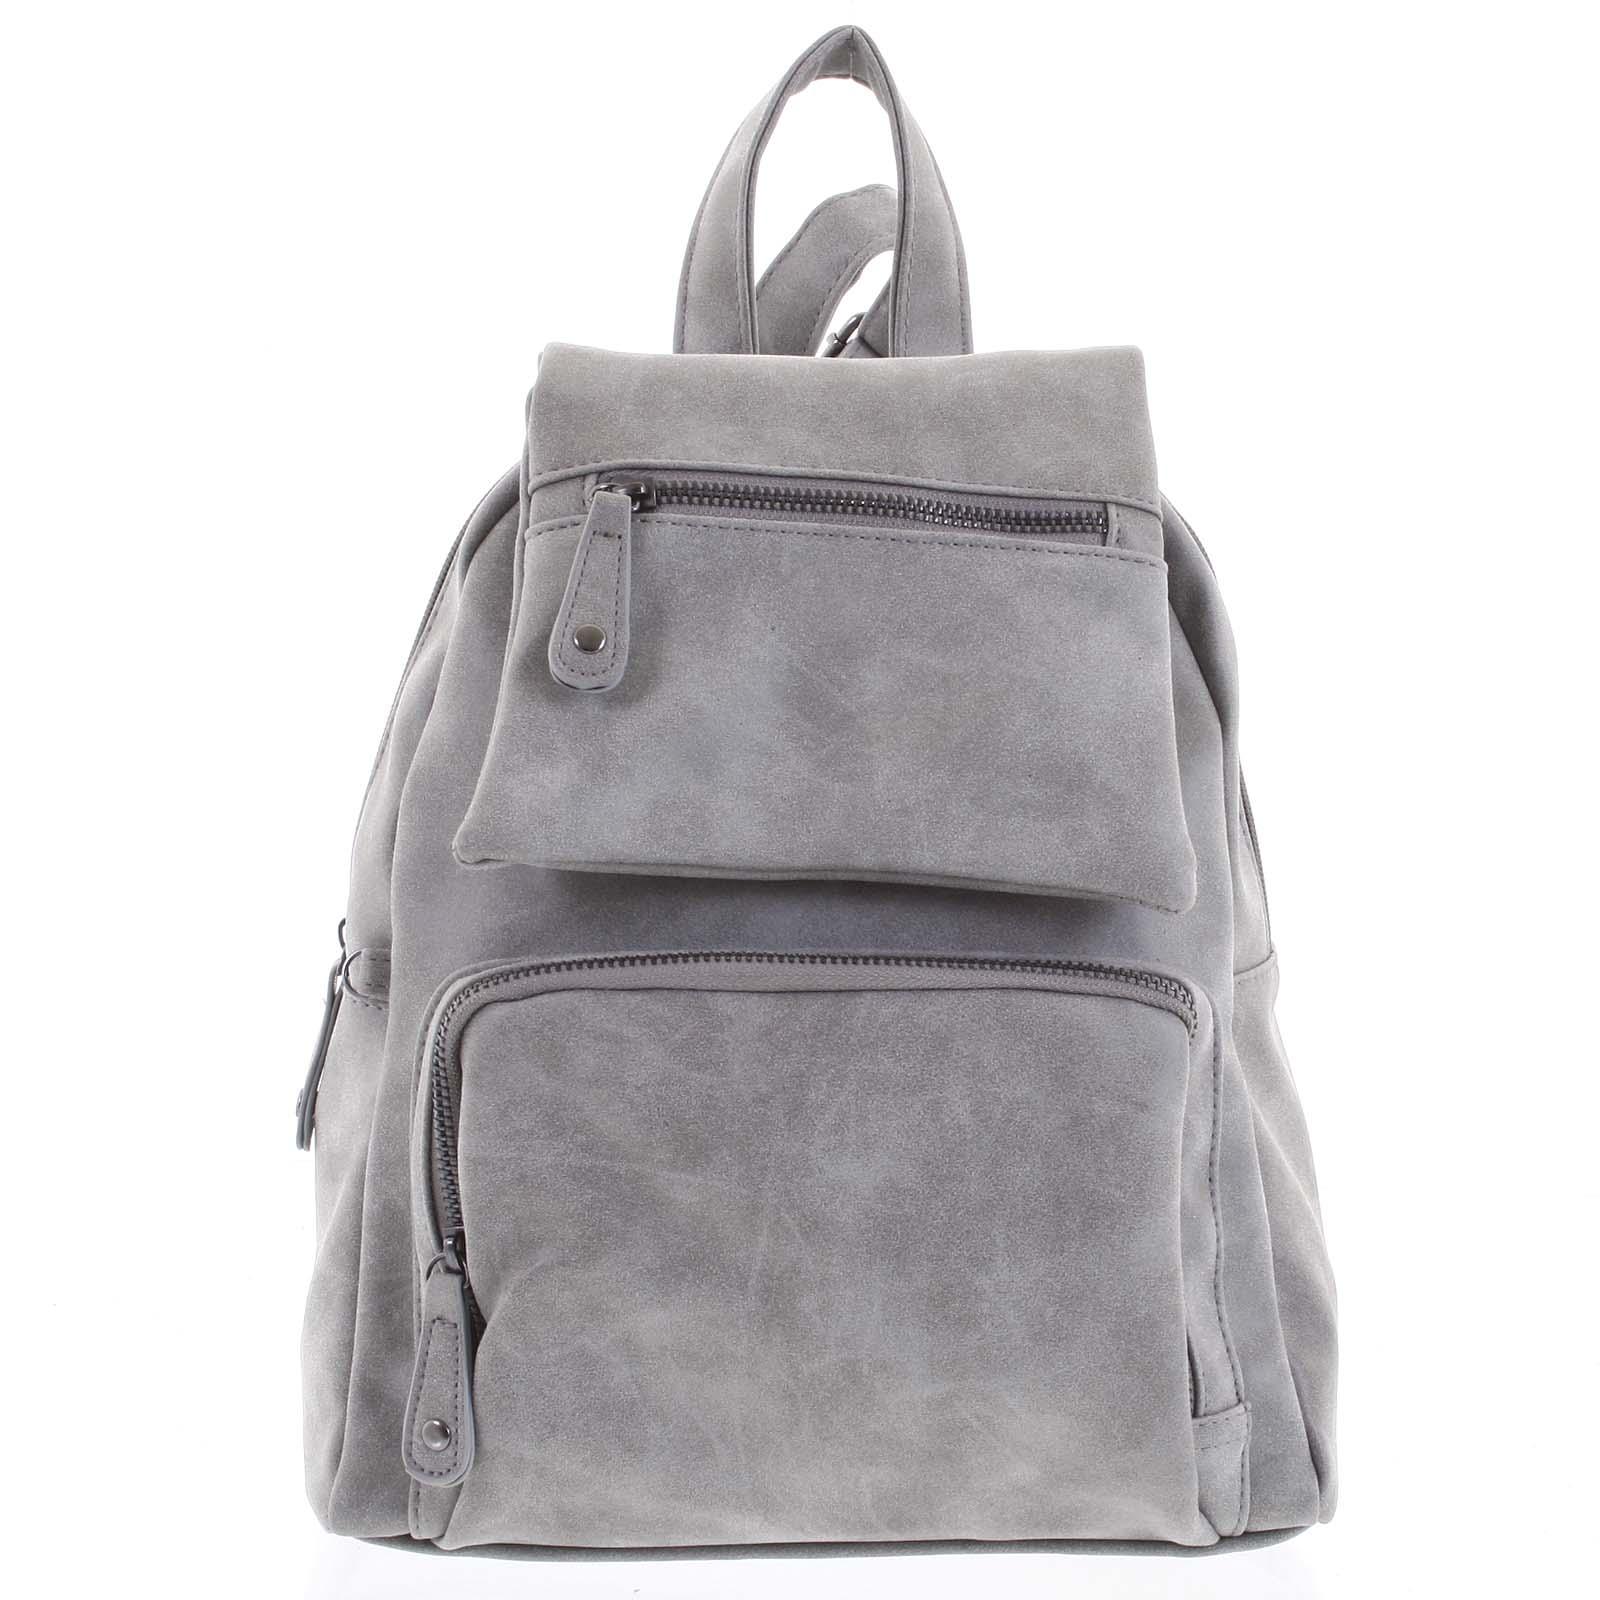 Trendy městský batůžek světle šedý - Just Dreamz Kaydence